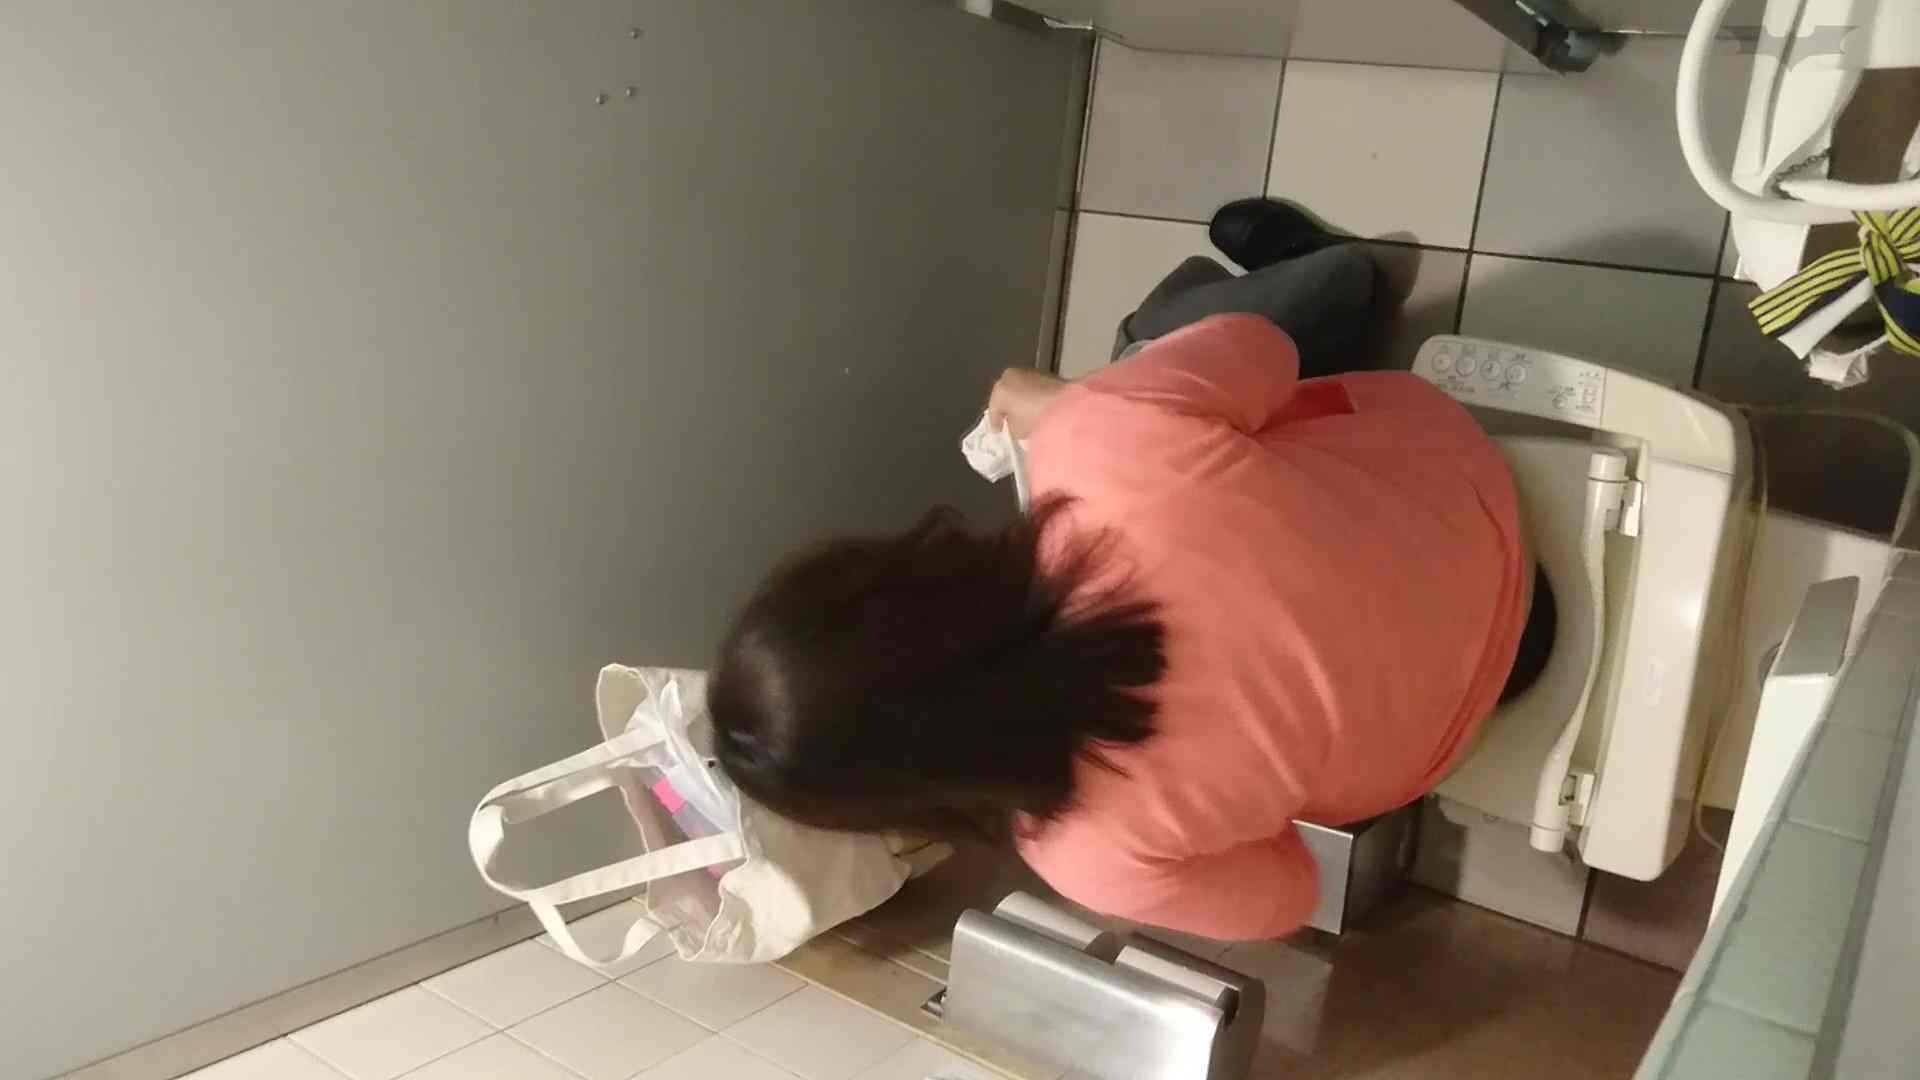 化粧室絵巻 ショッピングモール編 VOL.20 OL女体 | 0  61連発 5